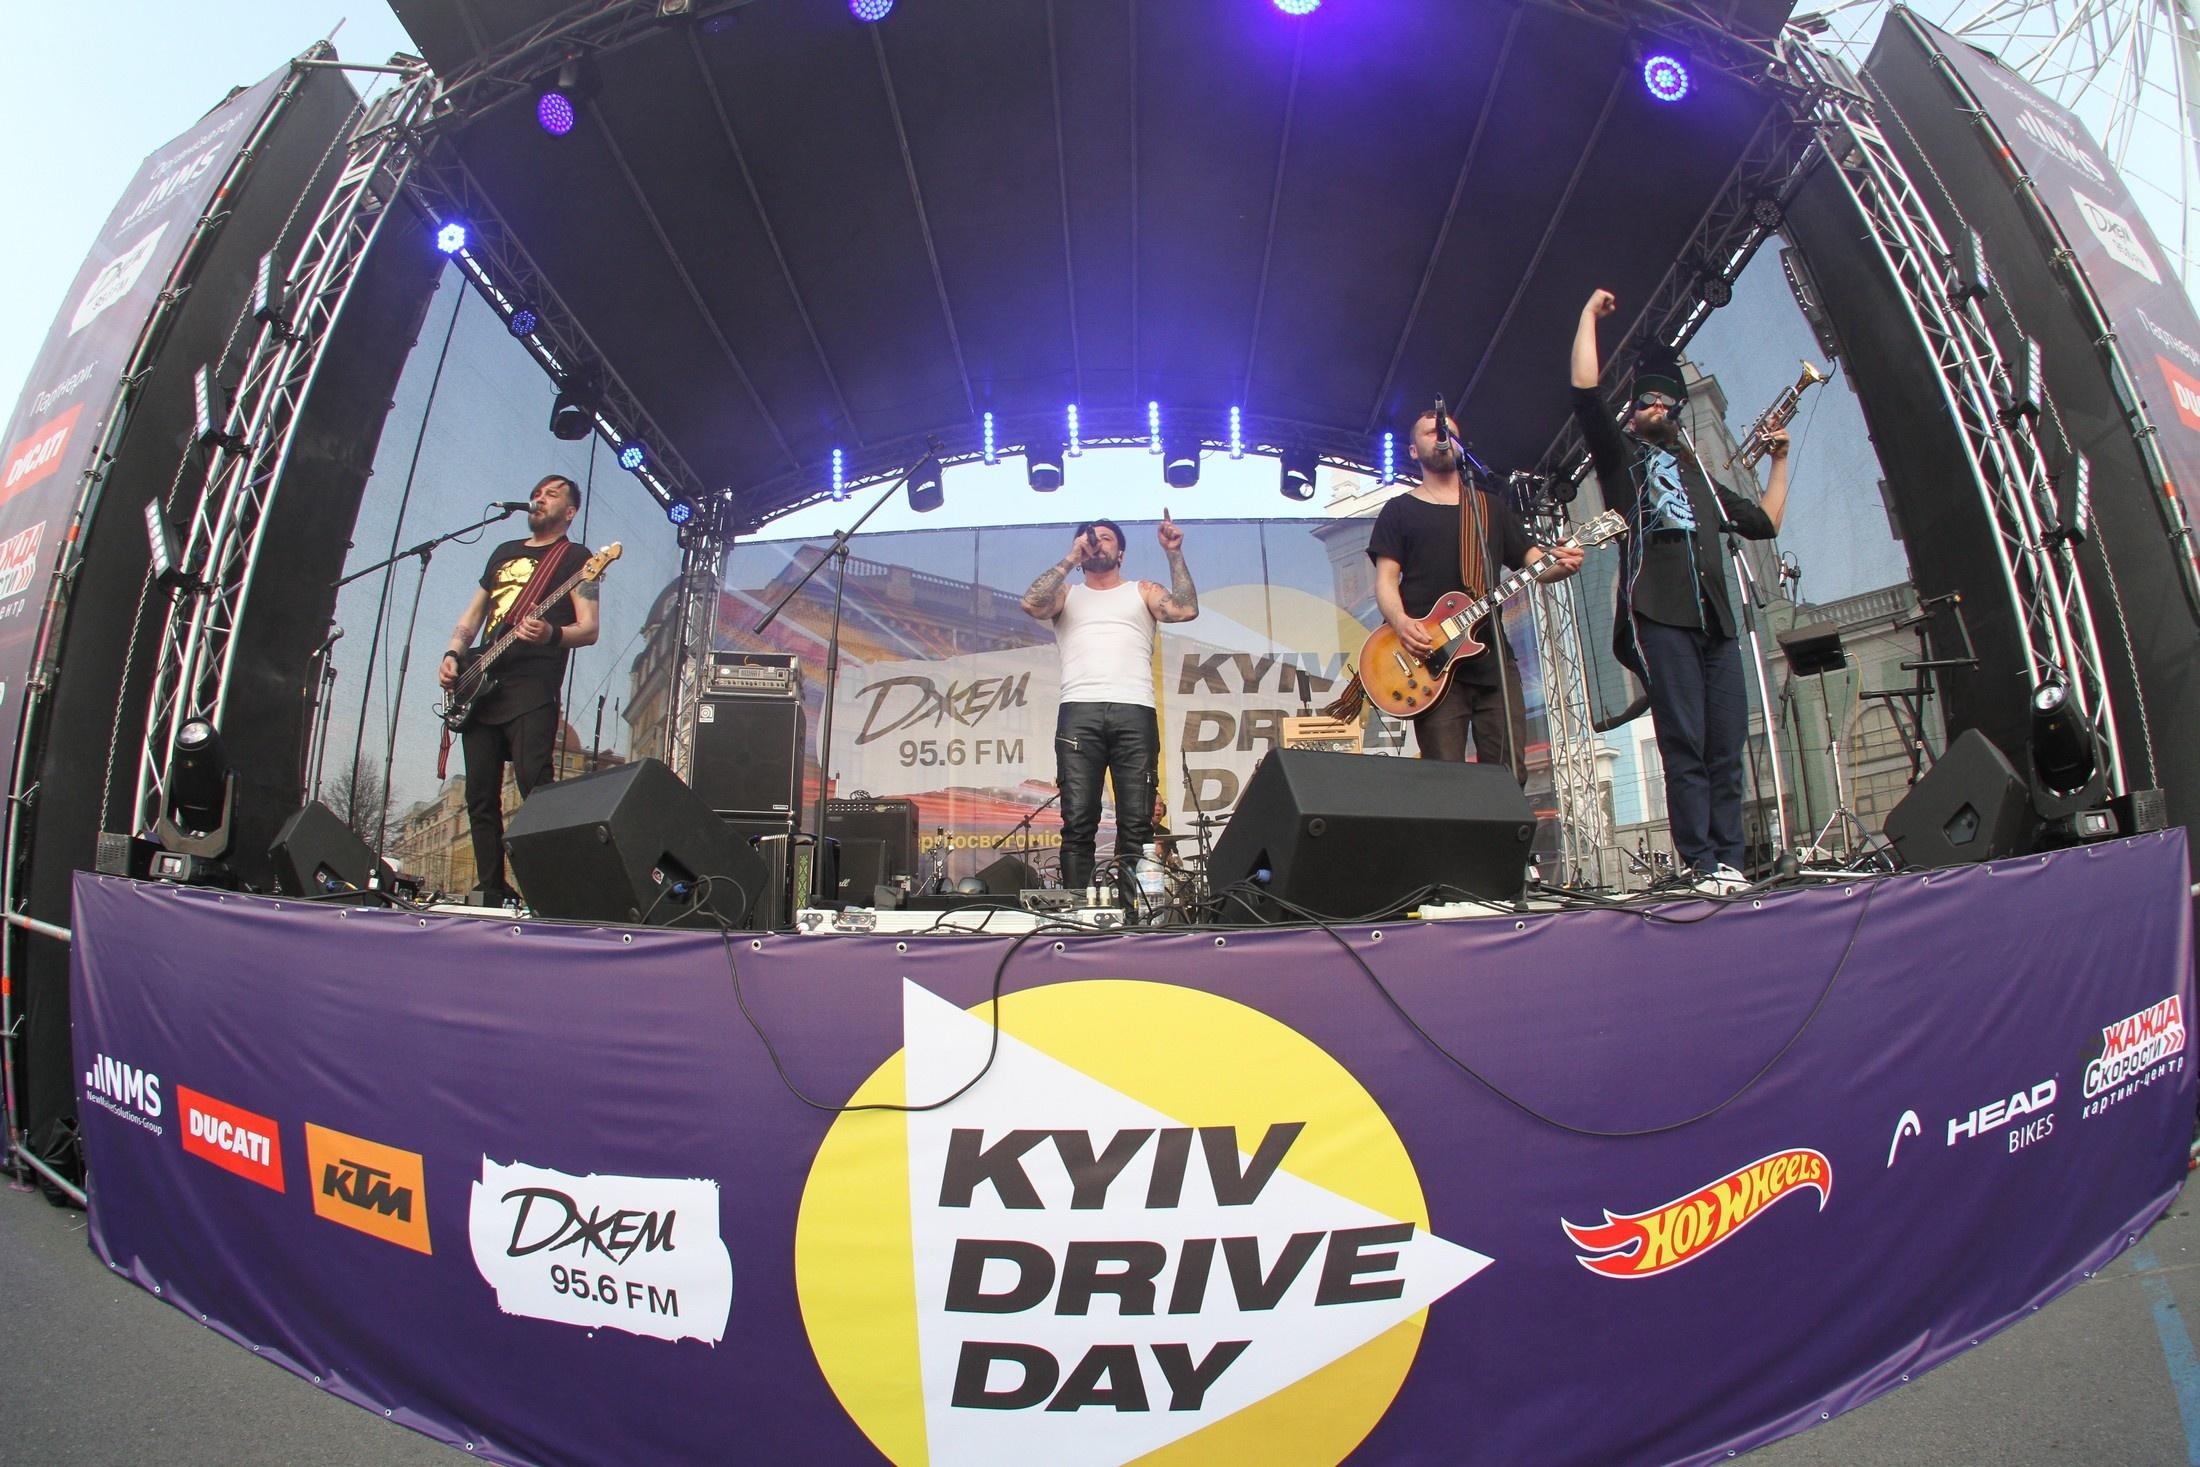 v-kieve-sostoyalsya-festival-kyiv-drive-day-2